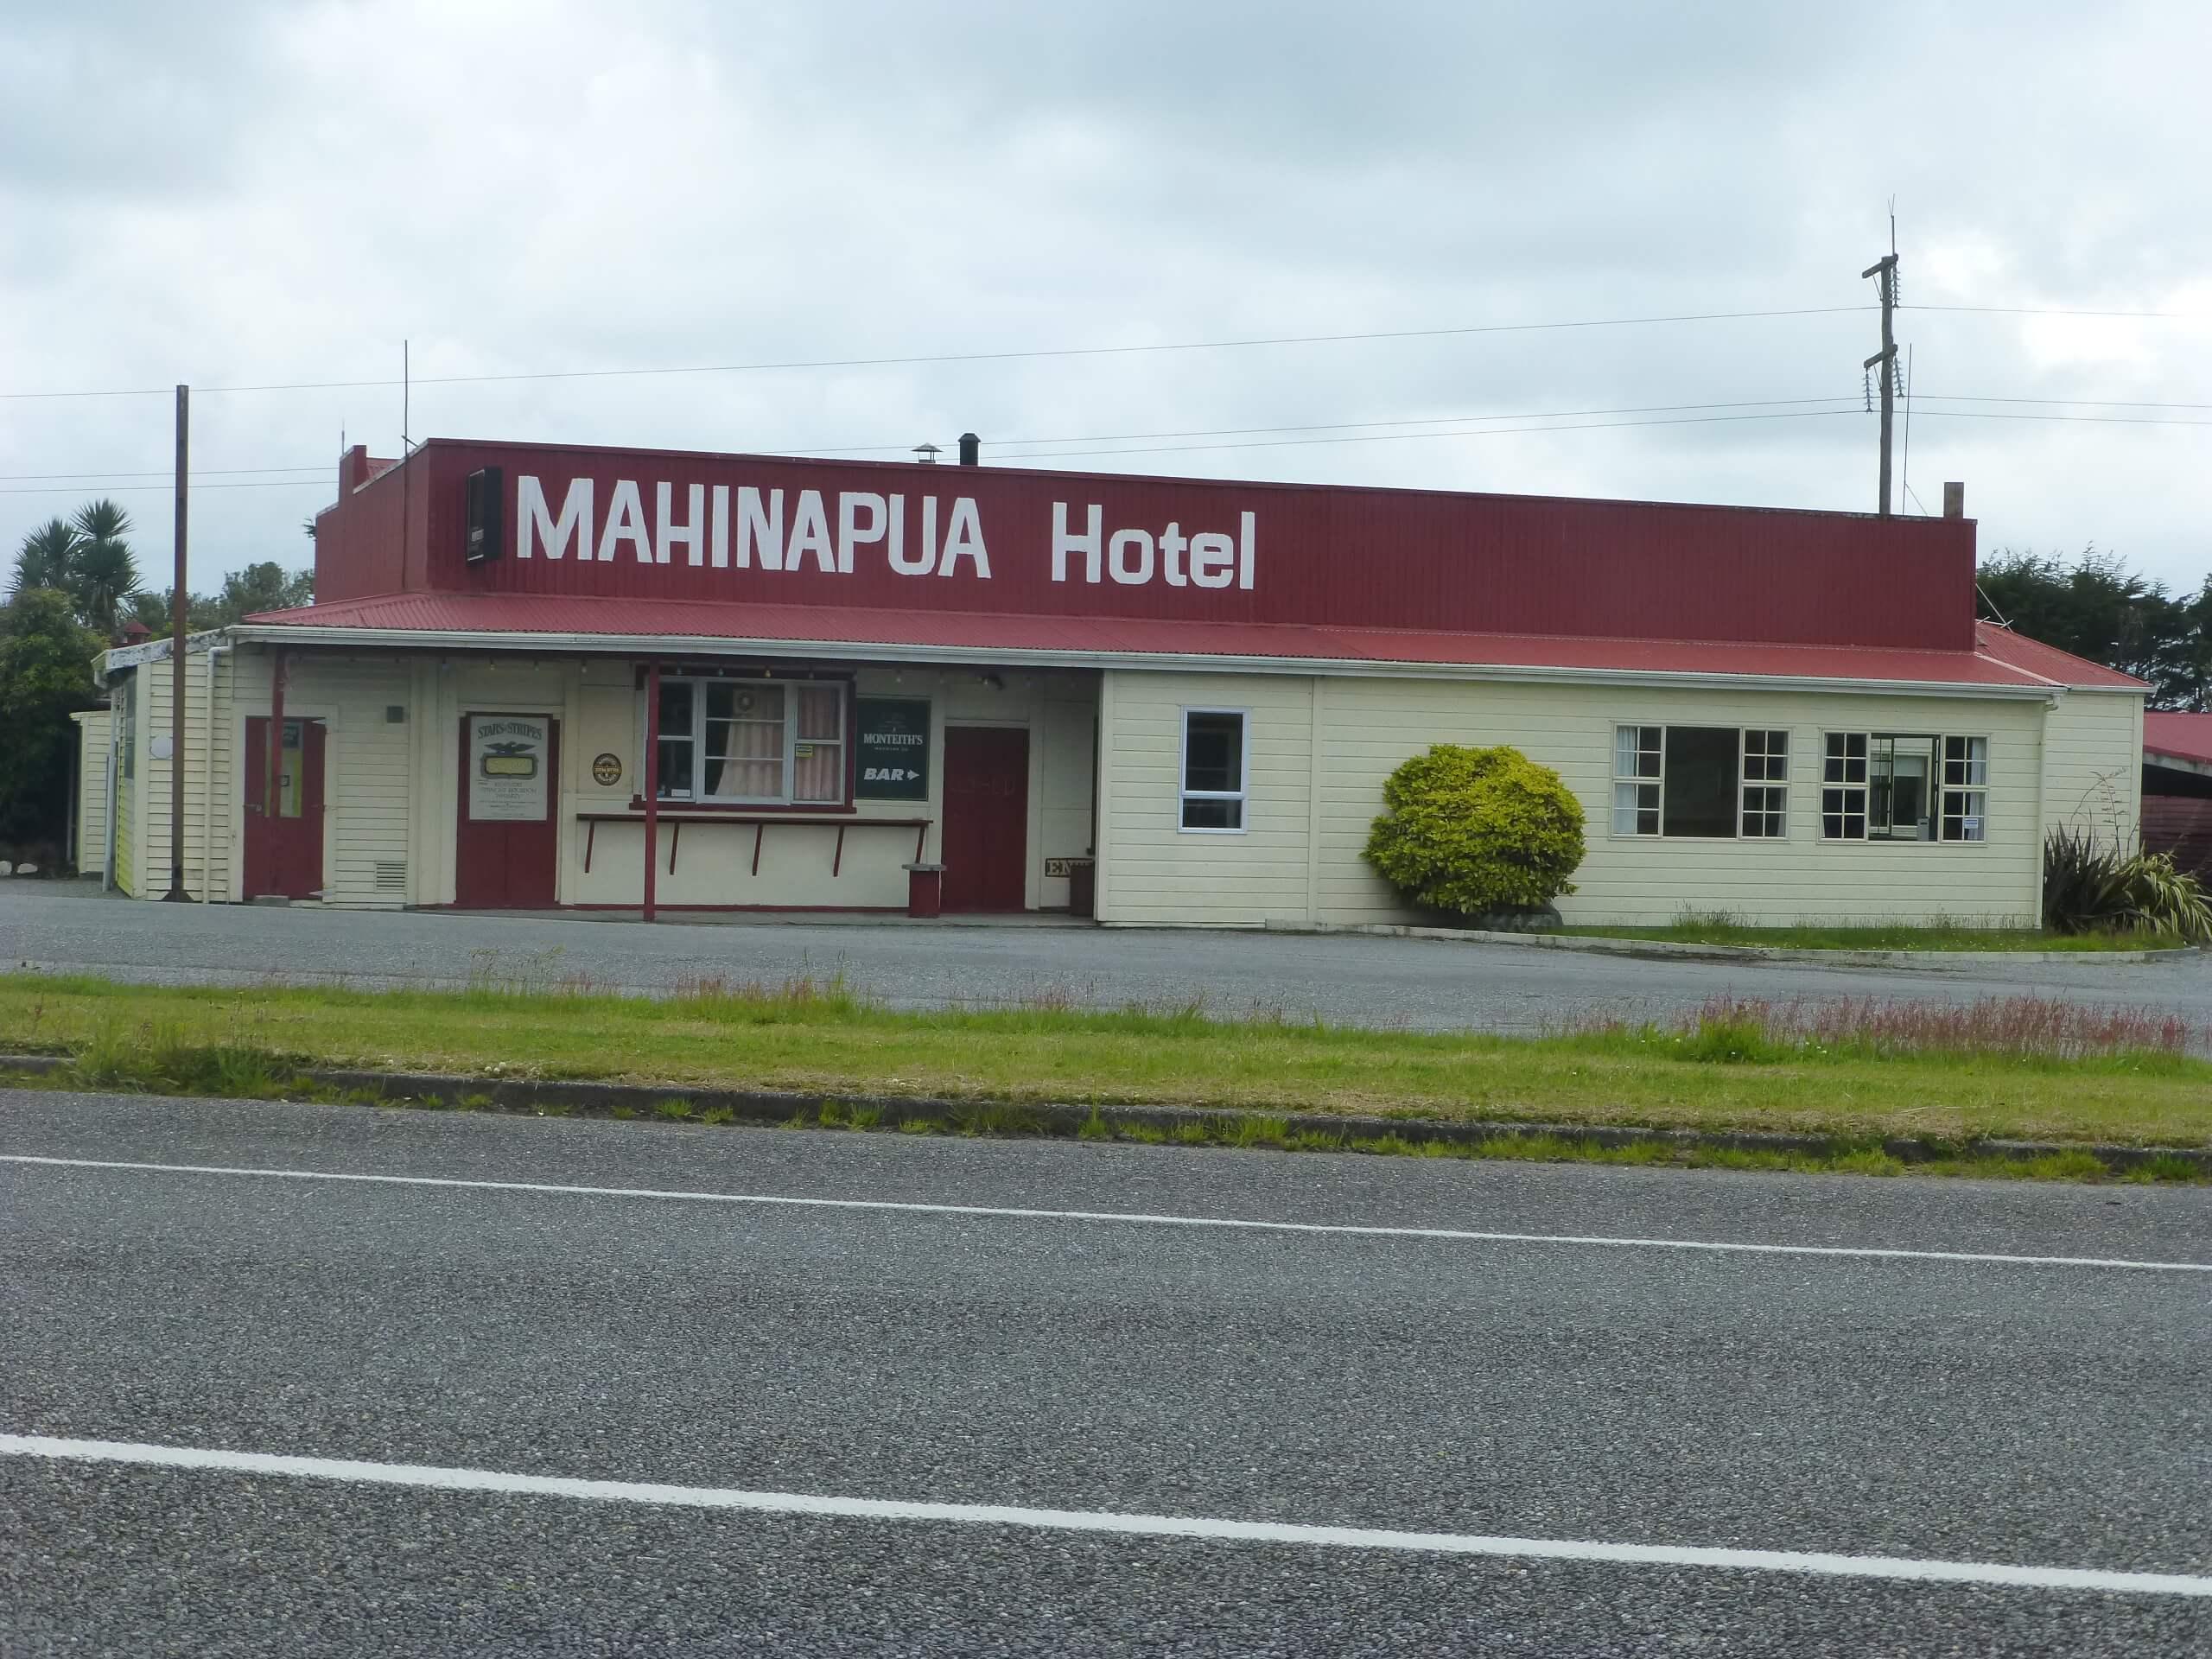 Mahinapua Hotel 2